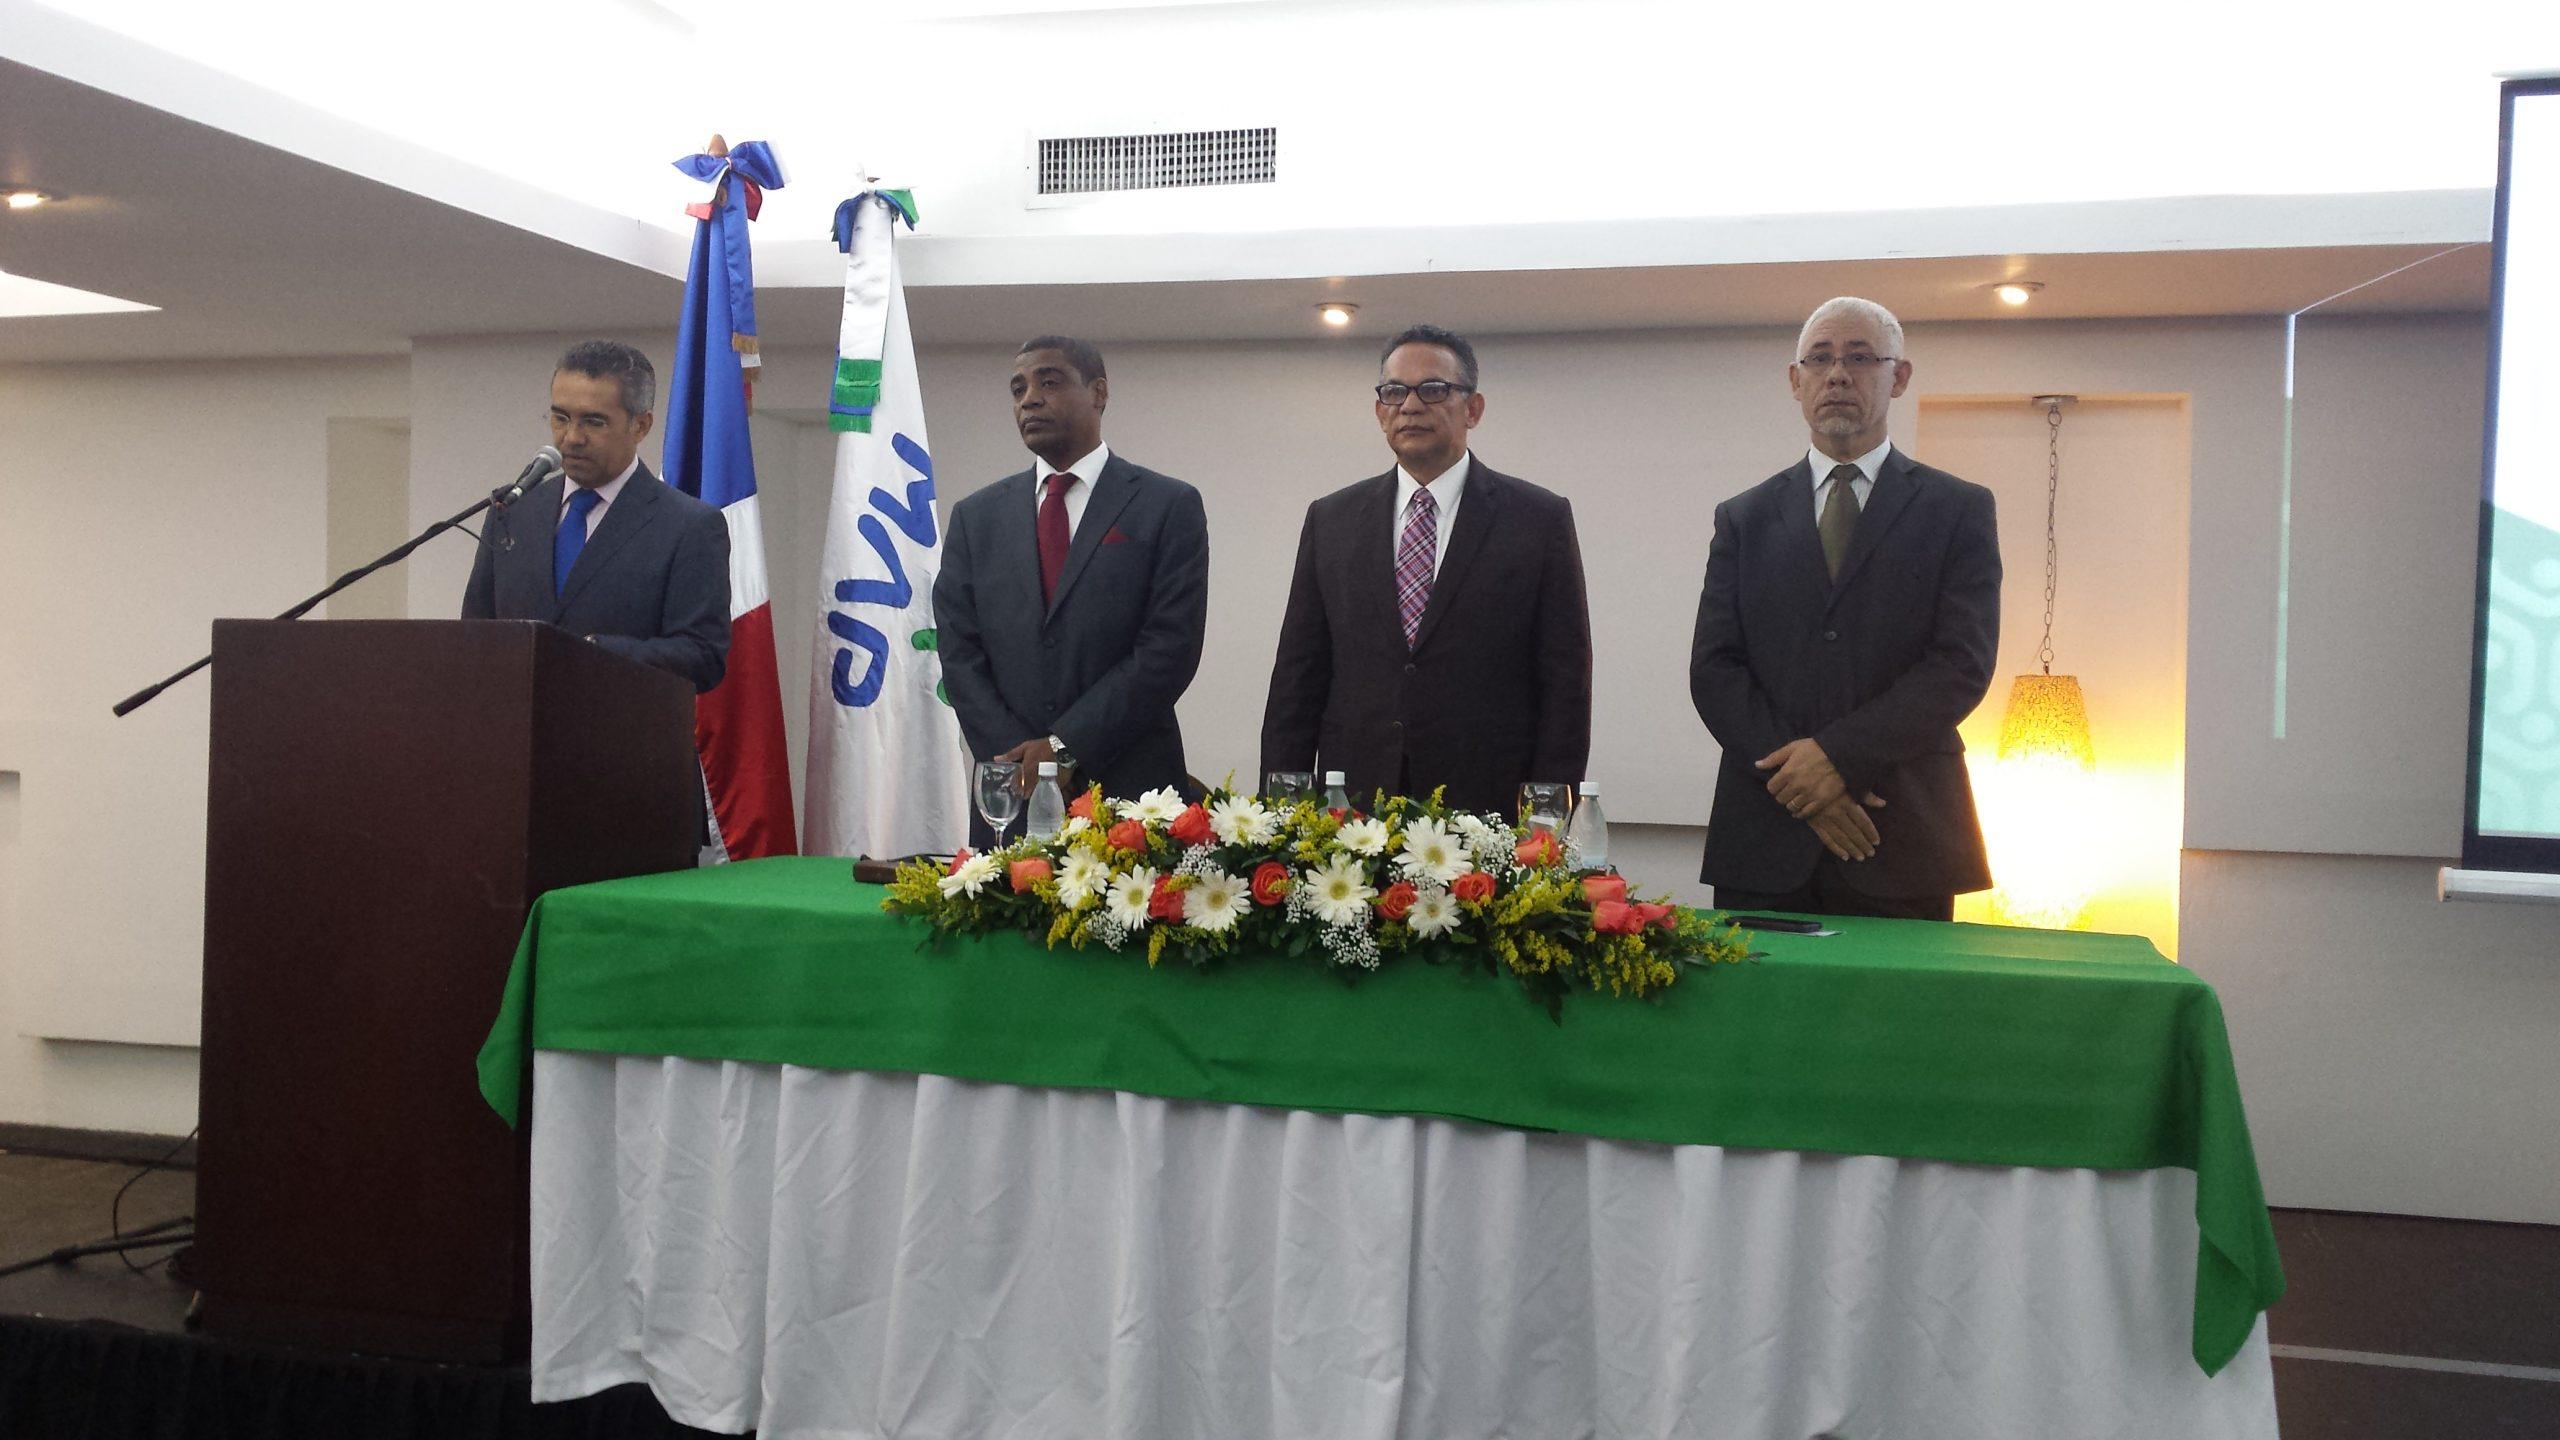 En el foro del MAP participan expertos de diversos países. Foto: SANTA PÉREZ